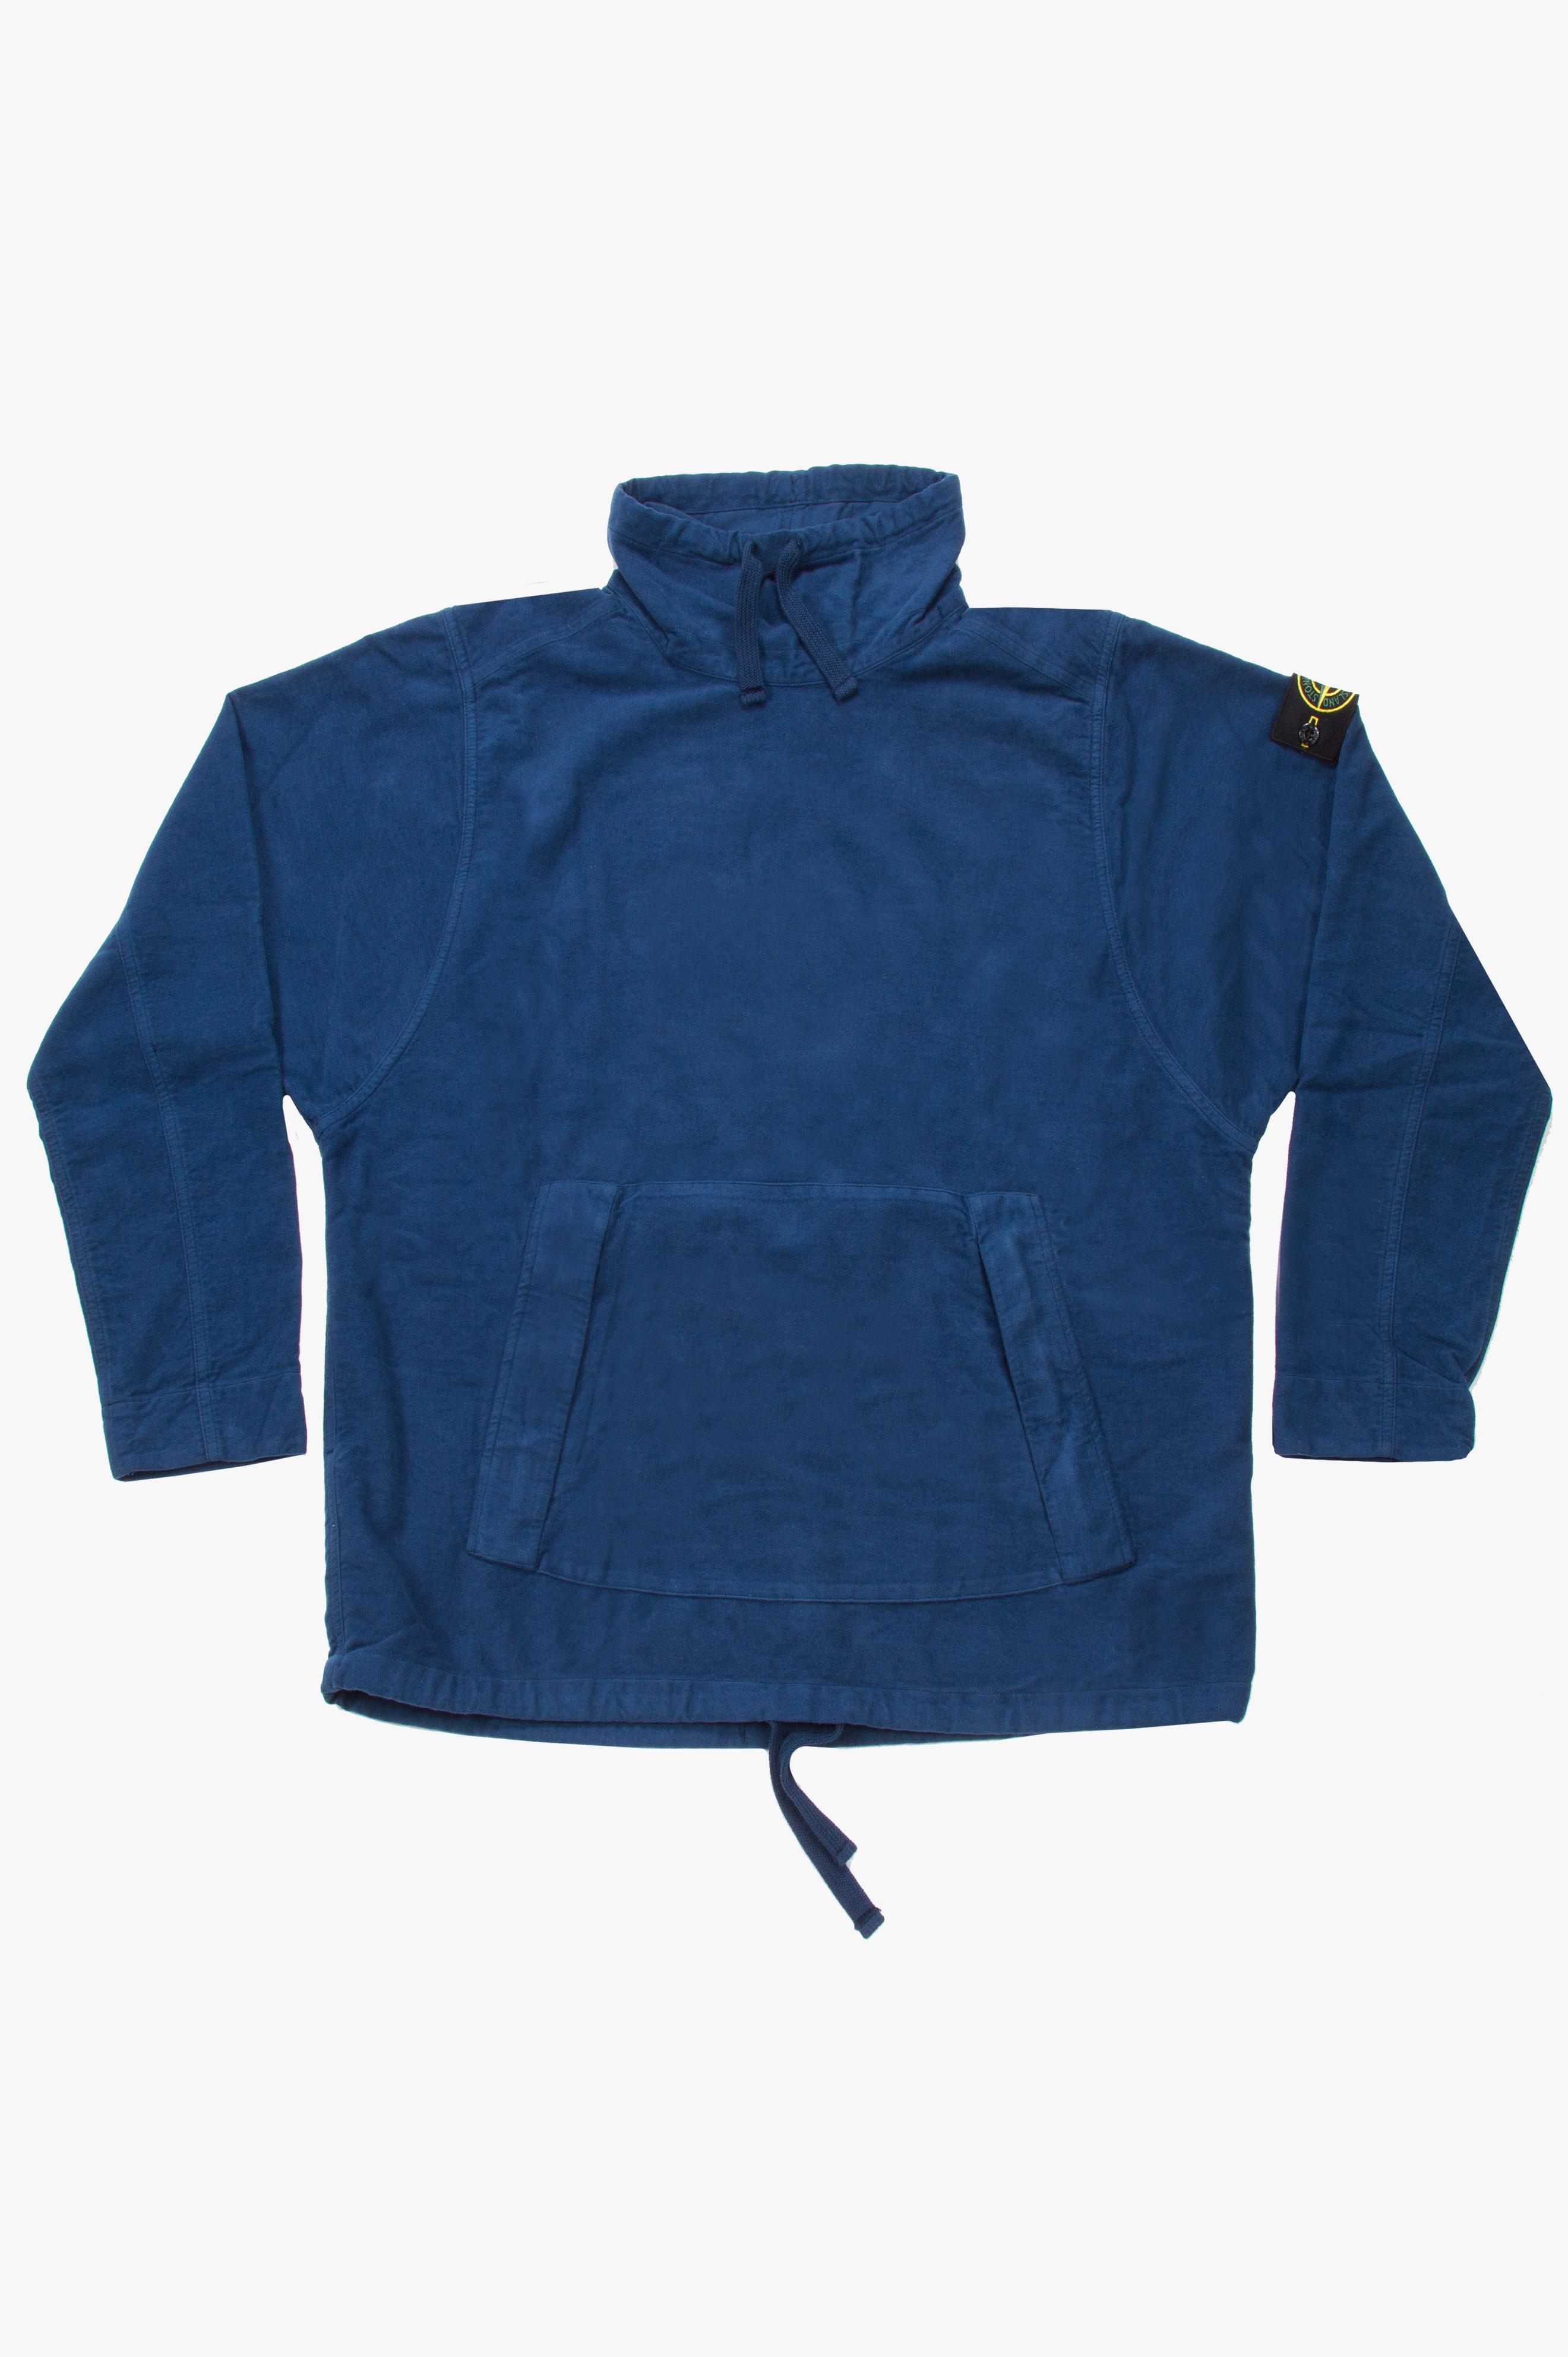 Pull Over Moleskin Shirt Blue